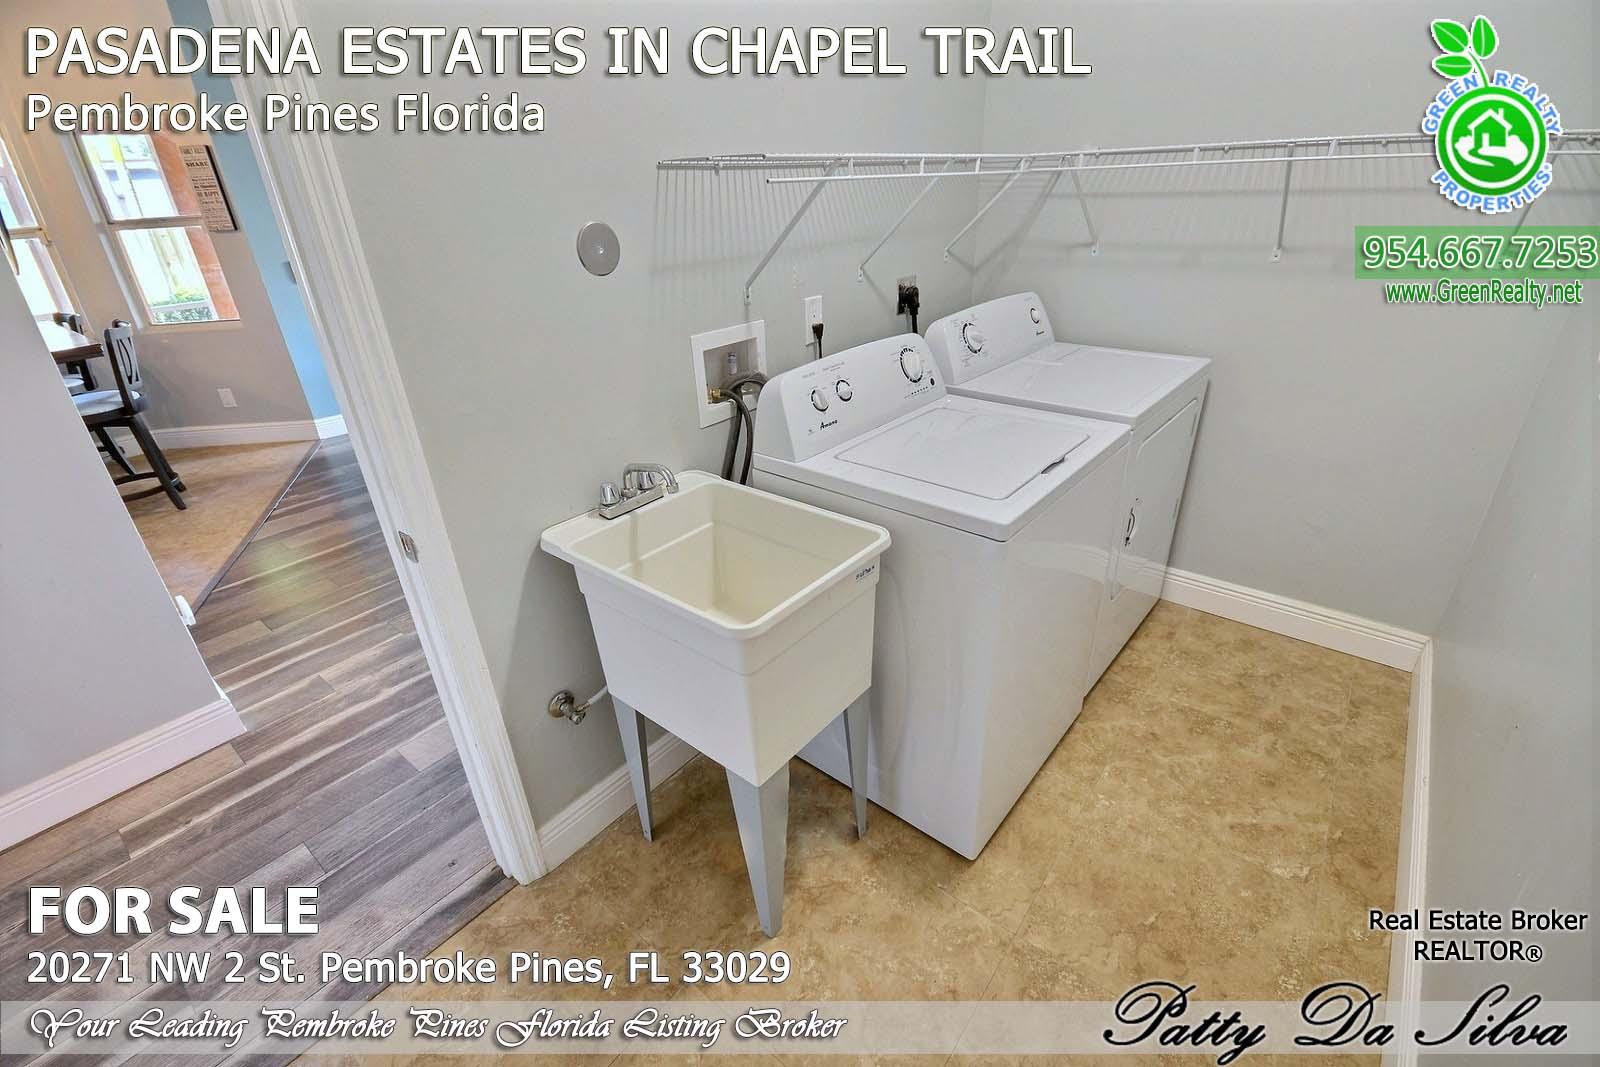 Pasadena Estates of Chapel Trail - Pembroke Pines FL (31)